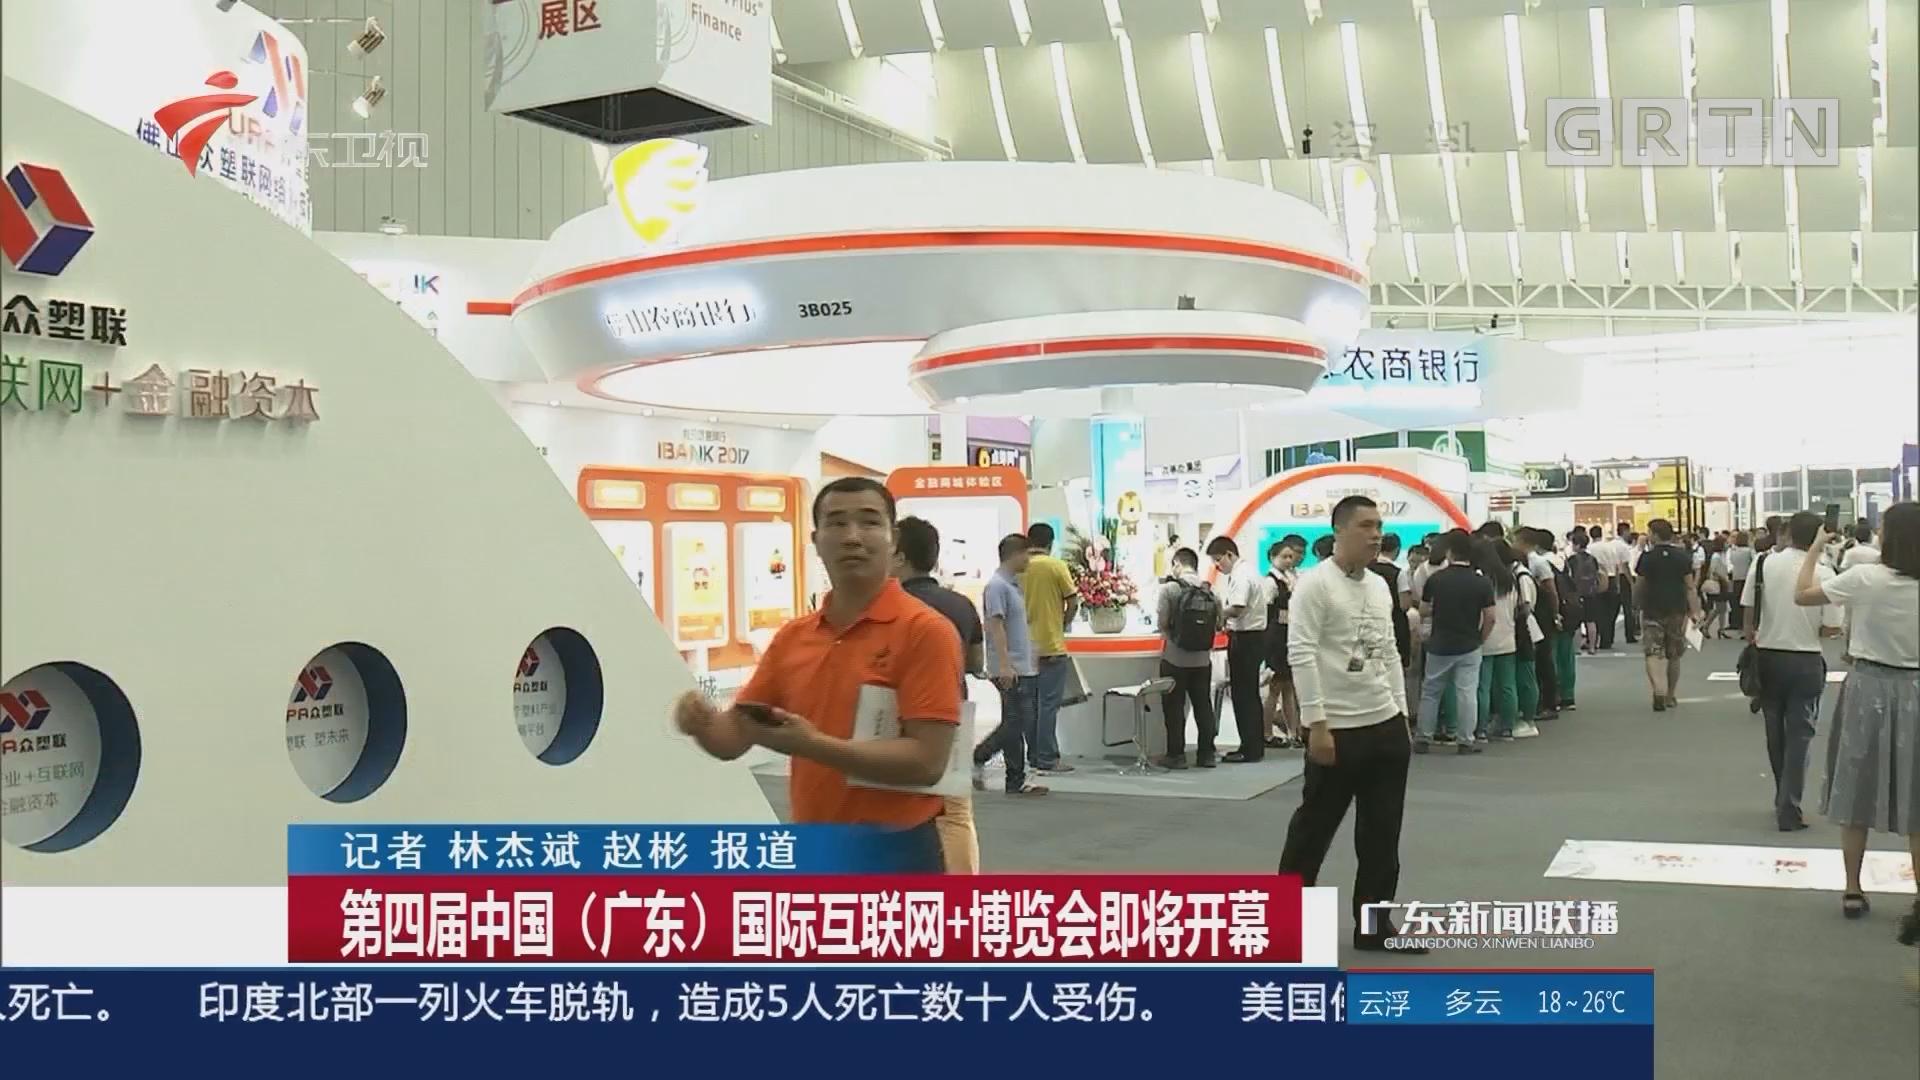 第四届中国(广东)国际互联网+博览会即将开幕